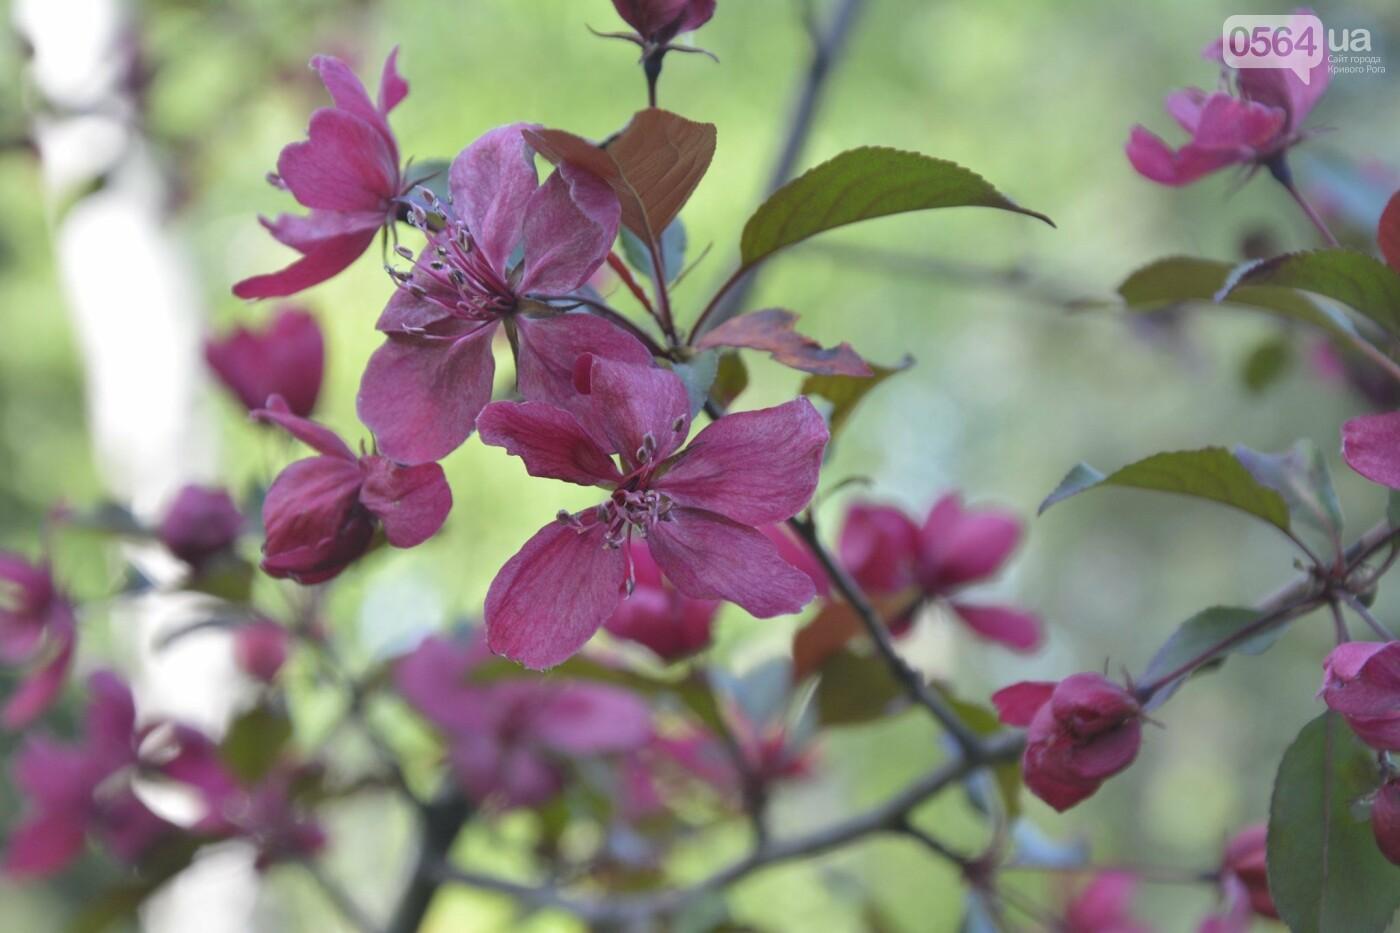 """Коллекция сирени, тюльпан """"Черный кофе"""", барбарис, - как выглядит Криворожский ботанический сад сегодня, - ФОТО, фото-3"""